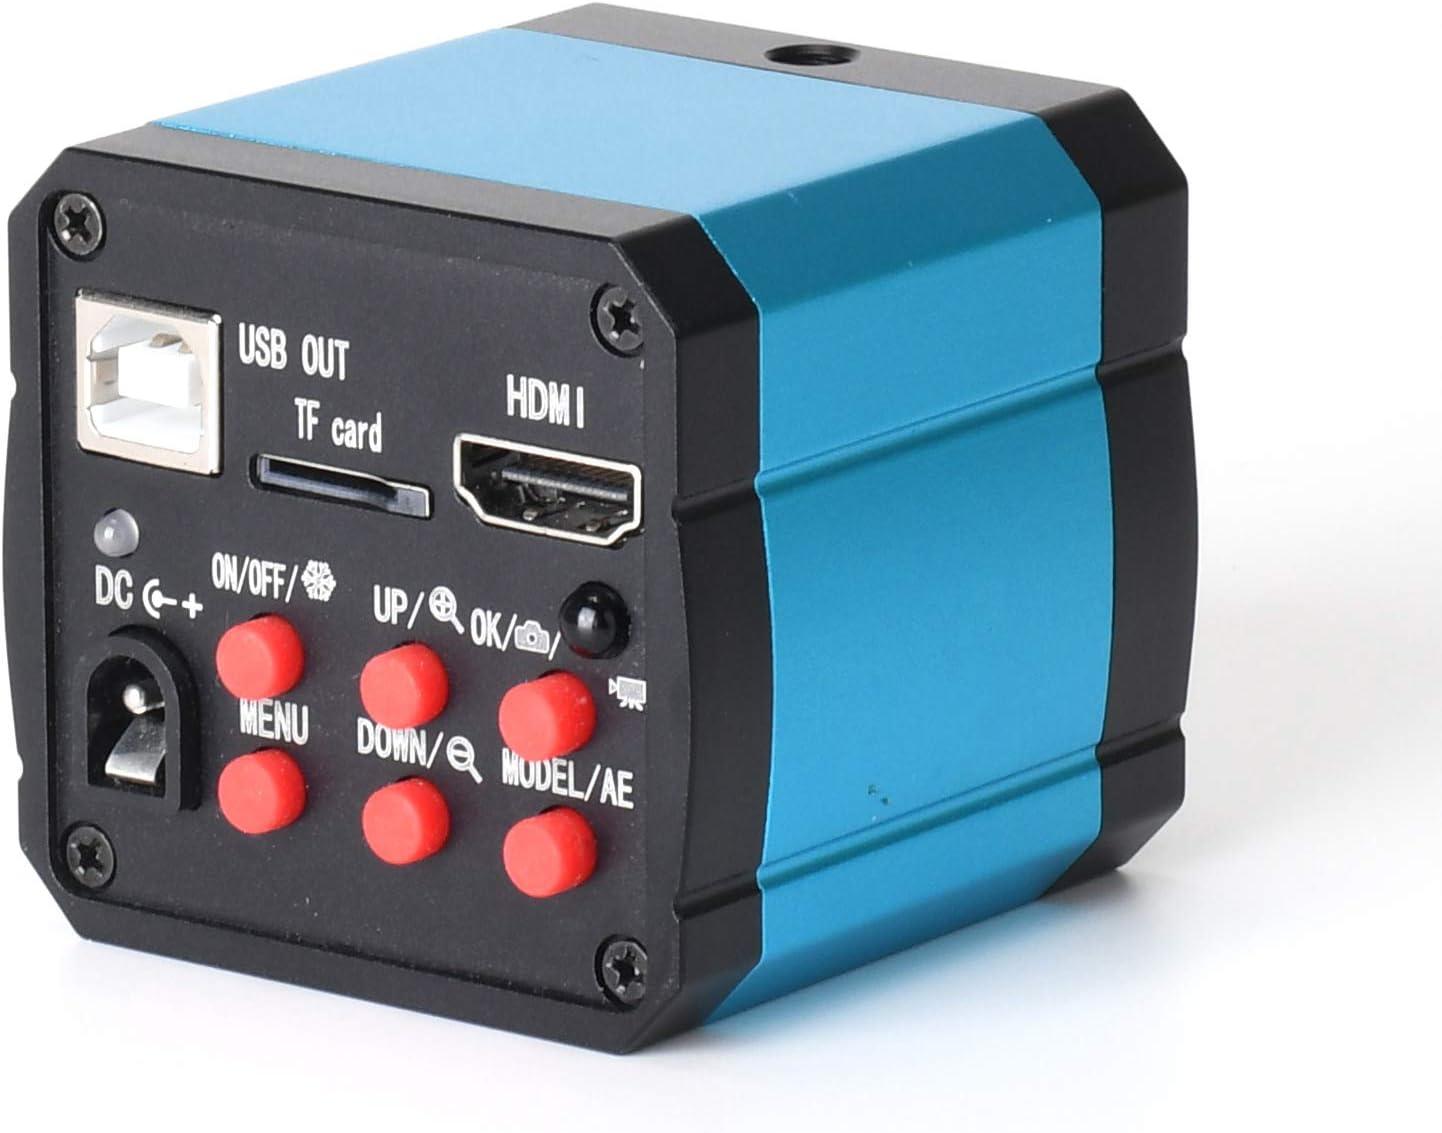 BOQUIRTE Microscope HDMI EU Plug C-MountCamera 100-240V haute d/éfinition 16MP USB 1080P 60FPS 2K pour les domaines de lagriculture et de la biologie de lindustrie